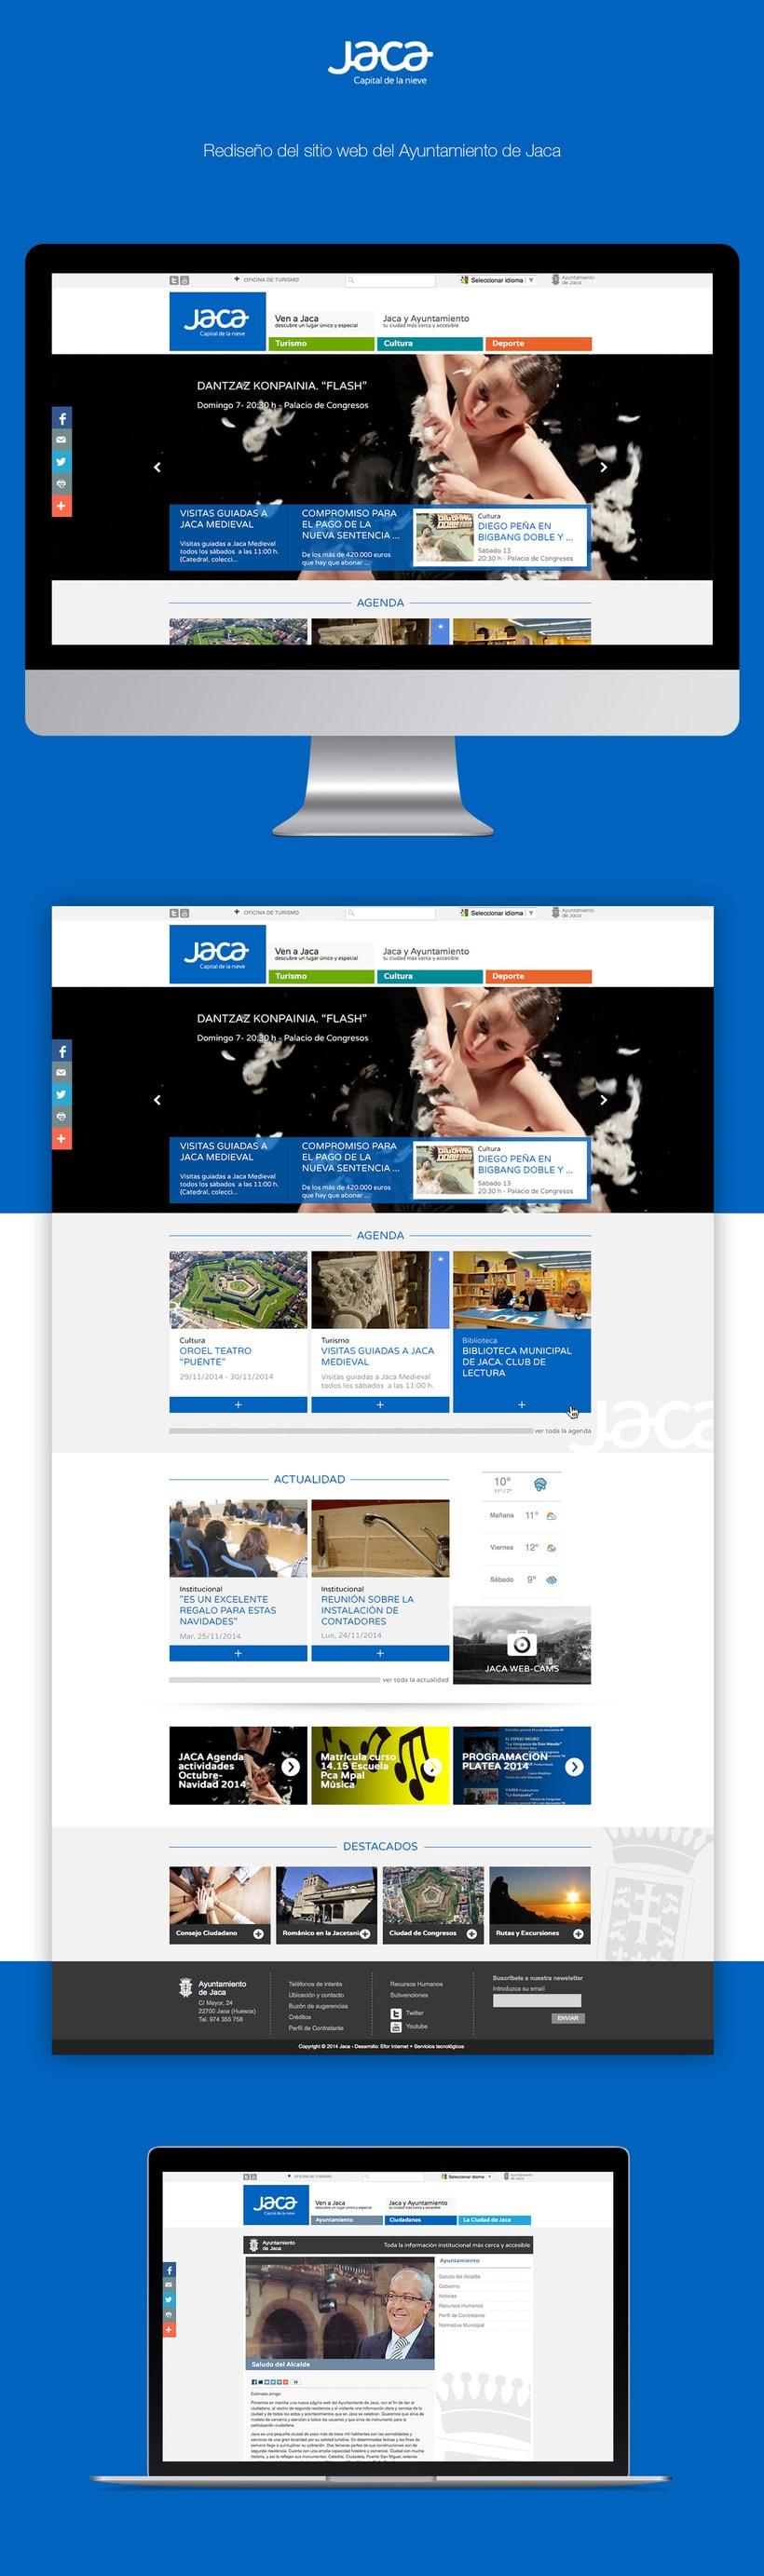 Ayuntamiento de Jaca | Website redesign -1